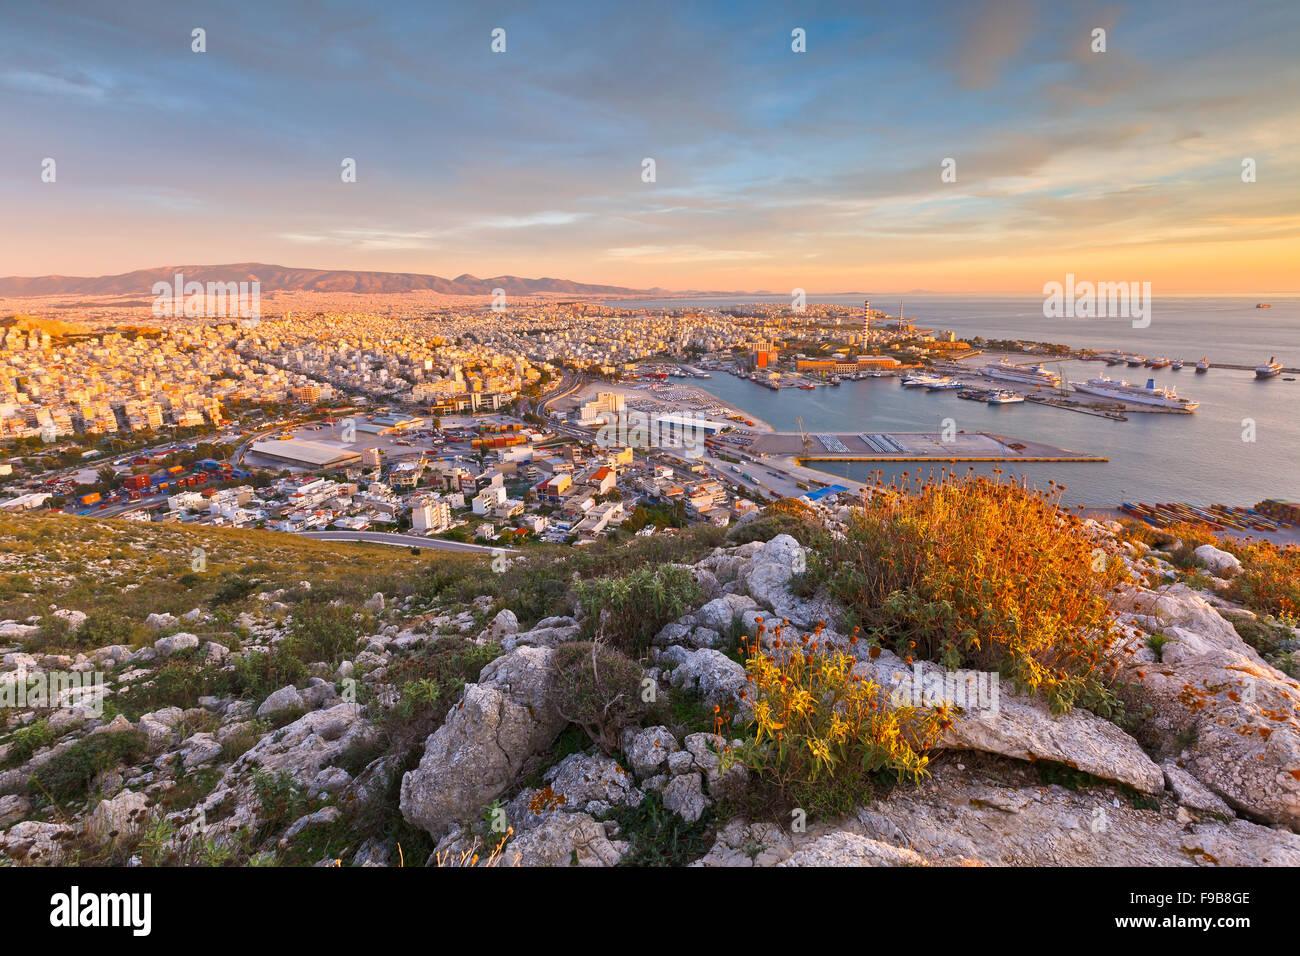 Vista del porto del Pireo ad Atene dal sulle colline ai piedi delle montagne Aegaleo Immagini Stock